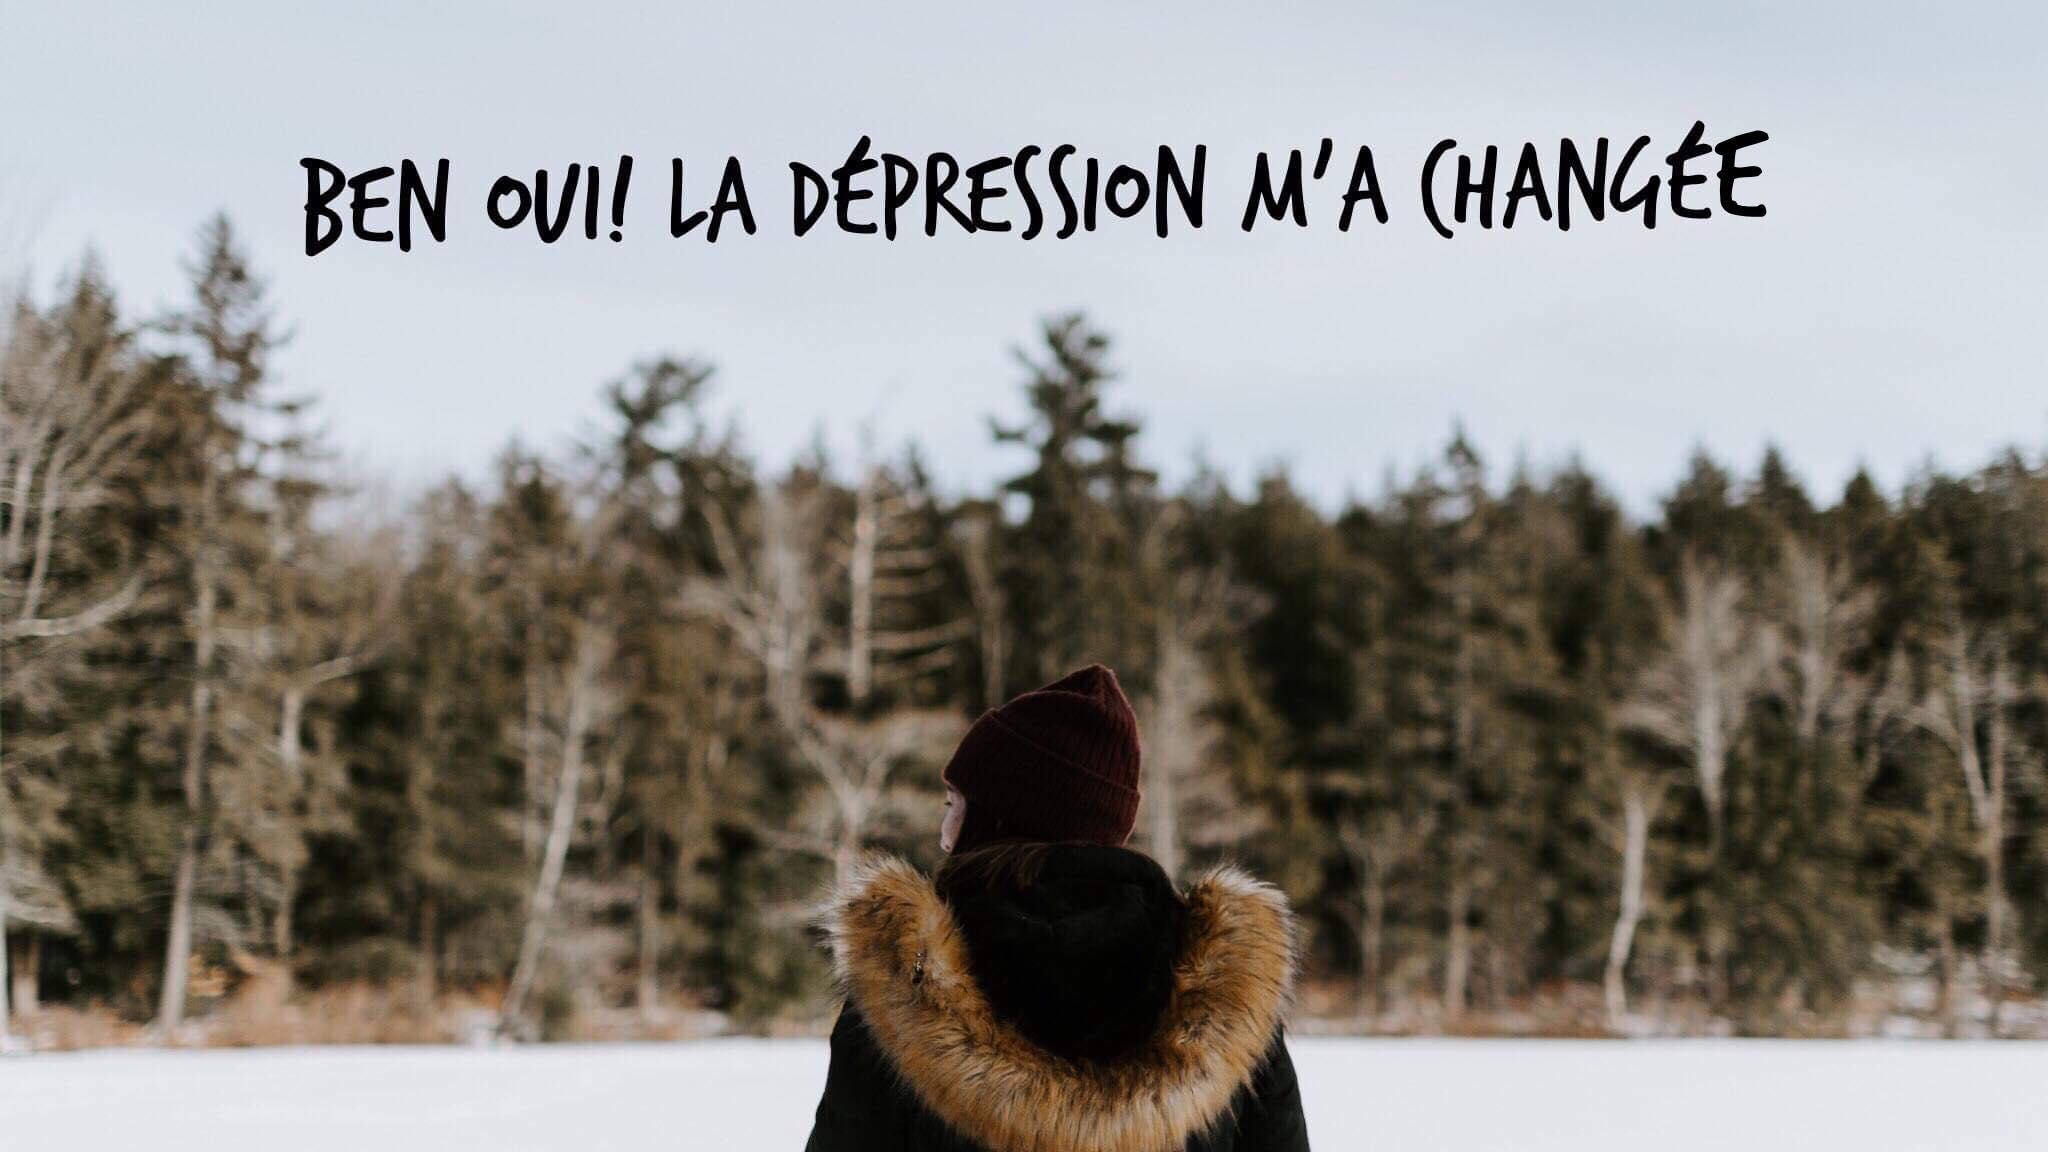 ben oui la dépression m'a changée